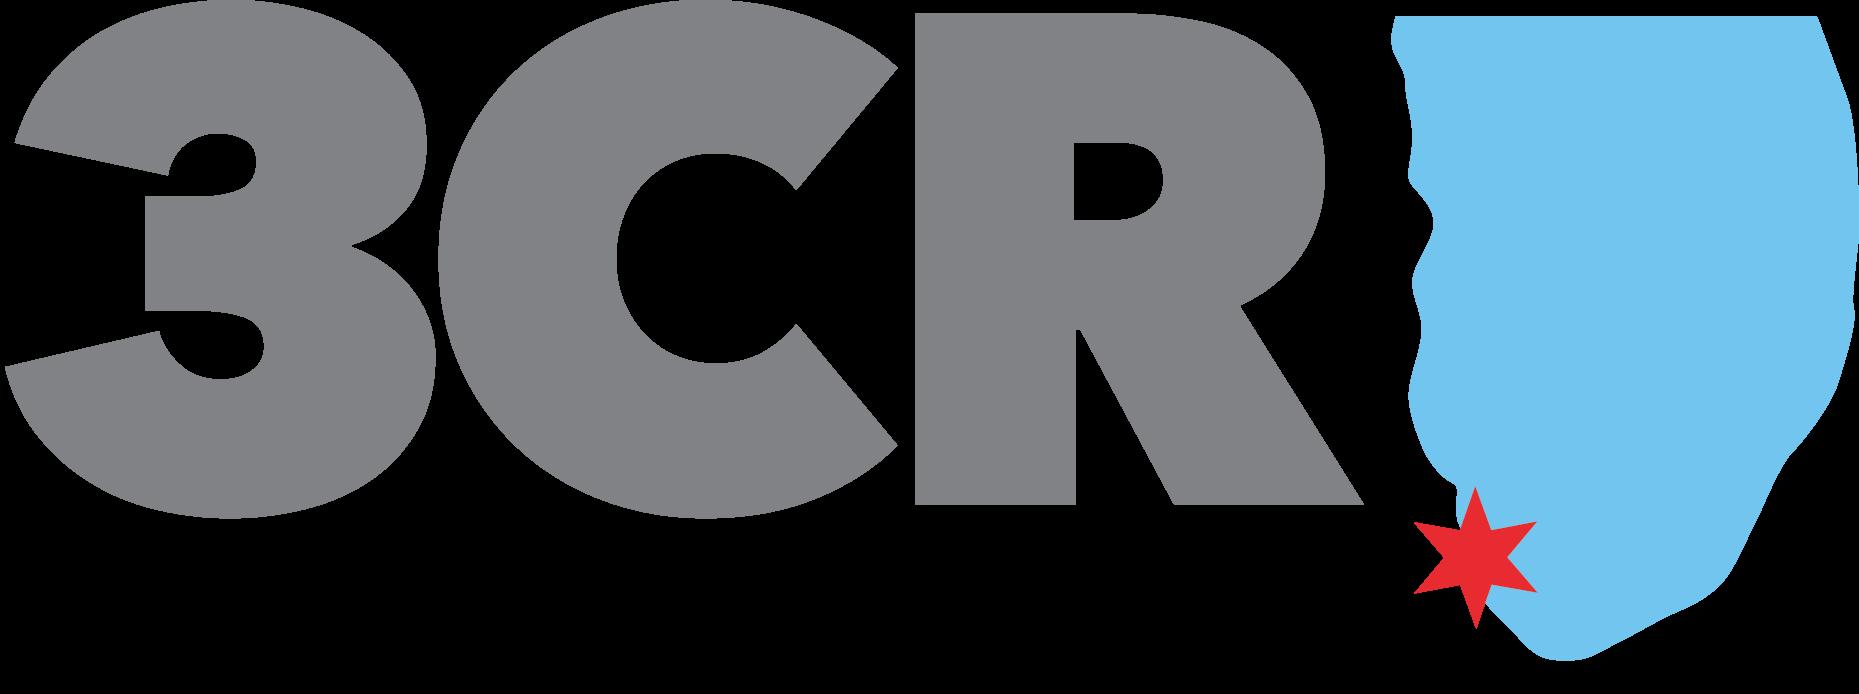 https://0201.nccdn.net/1_2/000/000/0f3/d77/3CR-Logo-LONG-1859x694.png